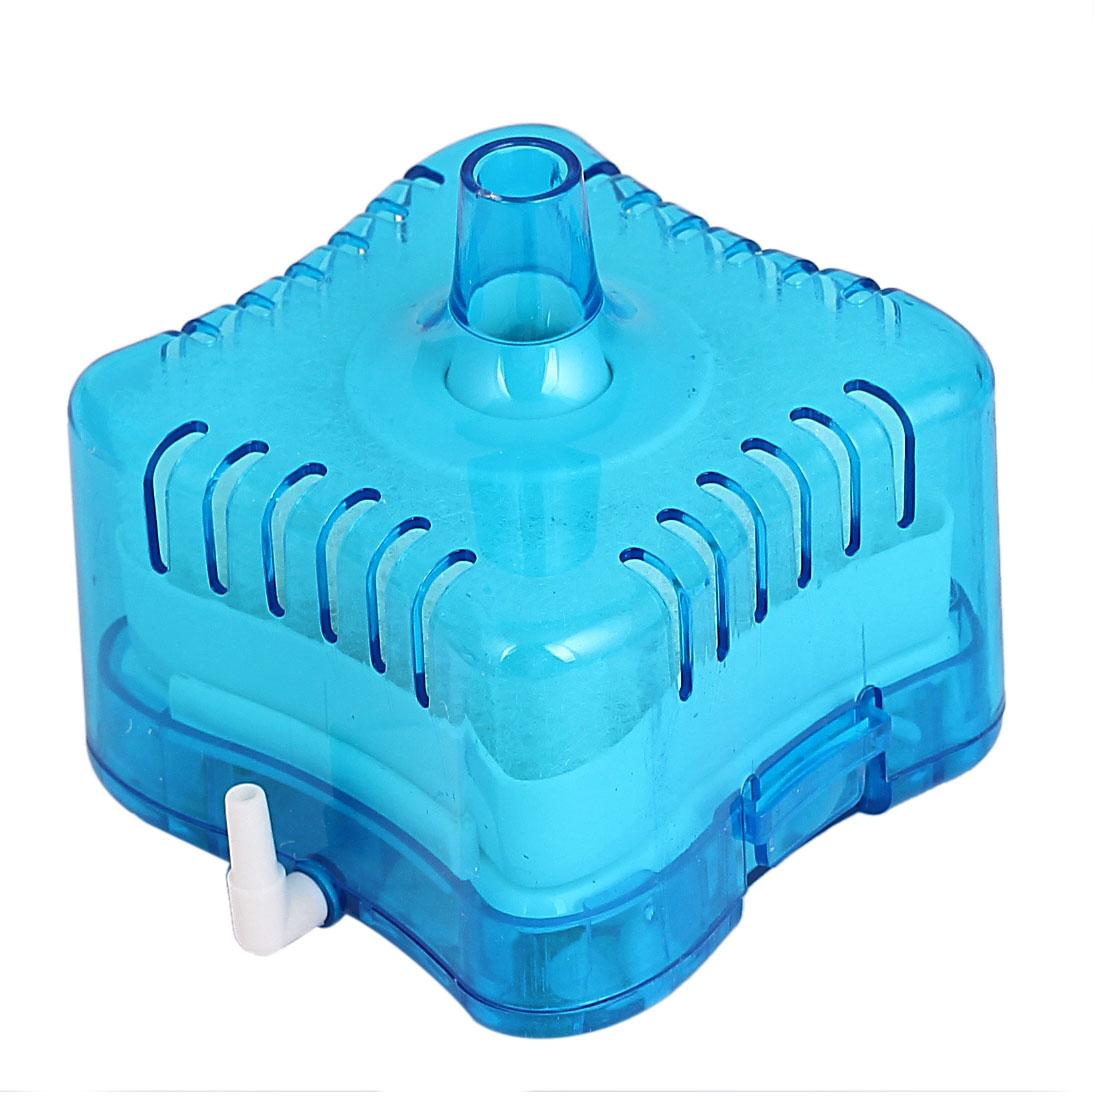 Stone Aquarium Fish Tank Sponge Removable Filter Cartridge Blue